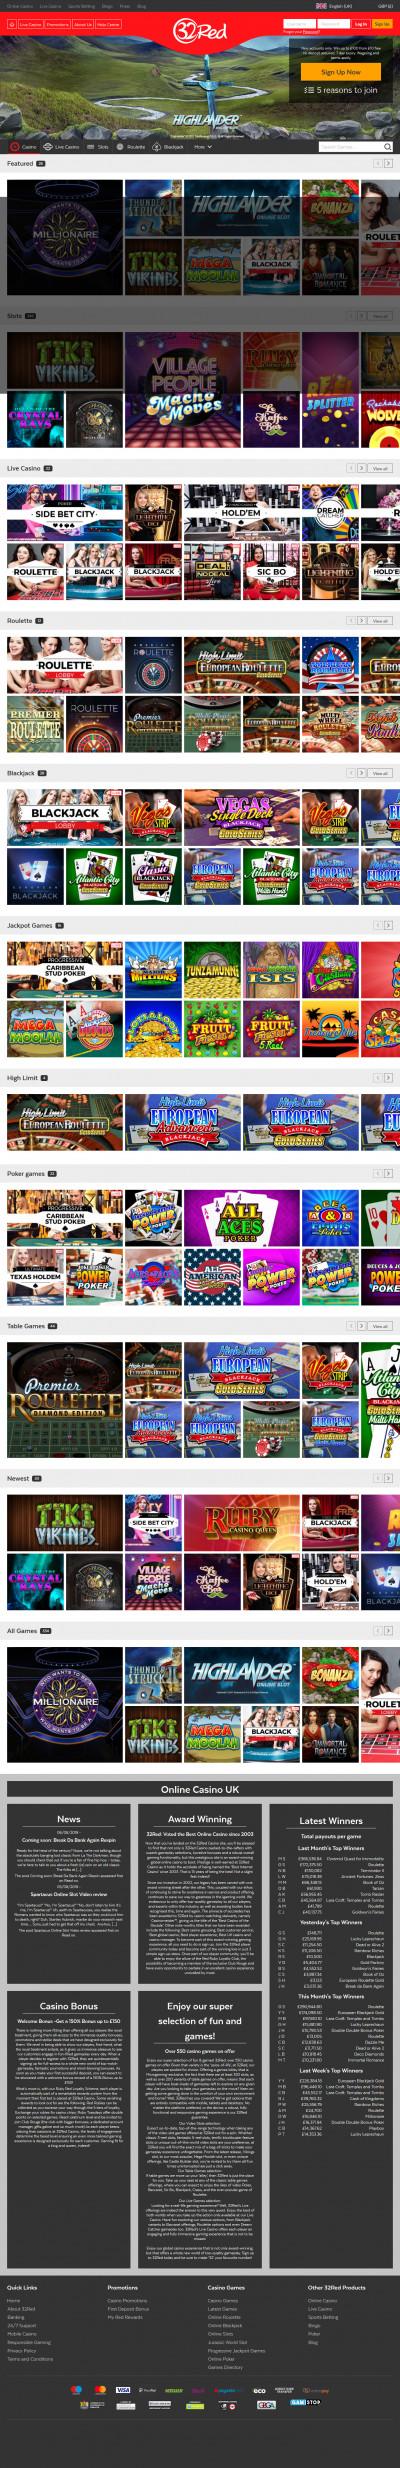 32Red Casino kuvakaappaus